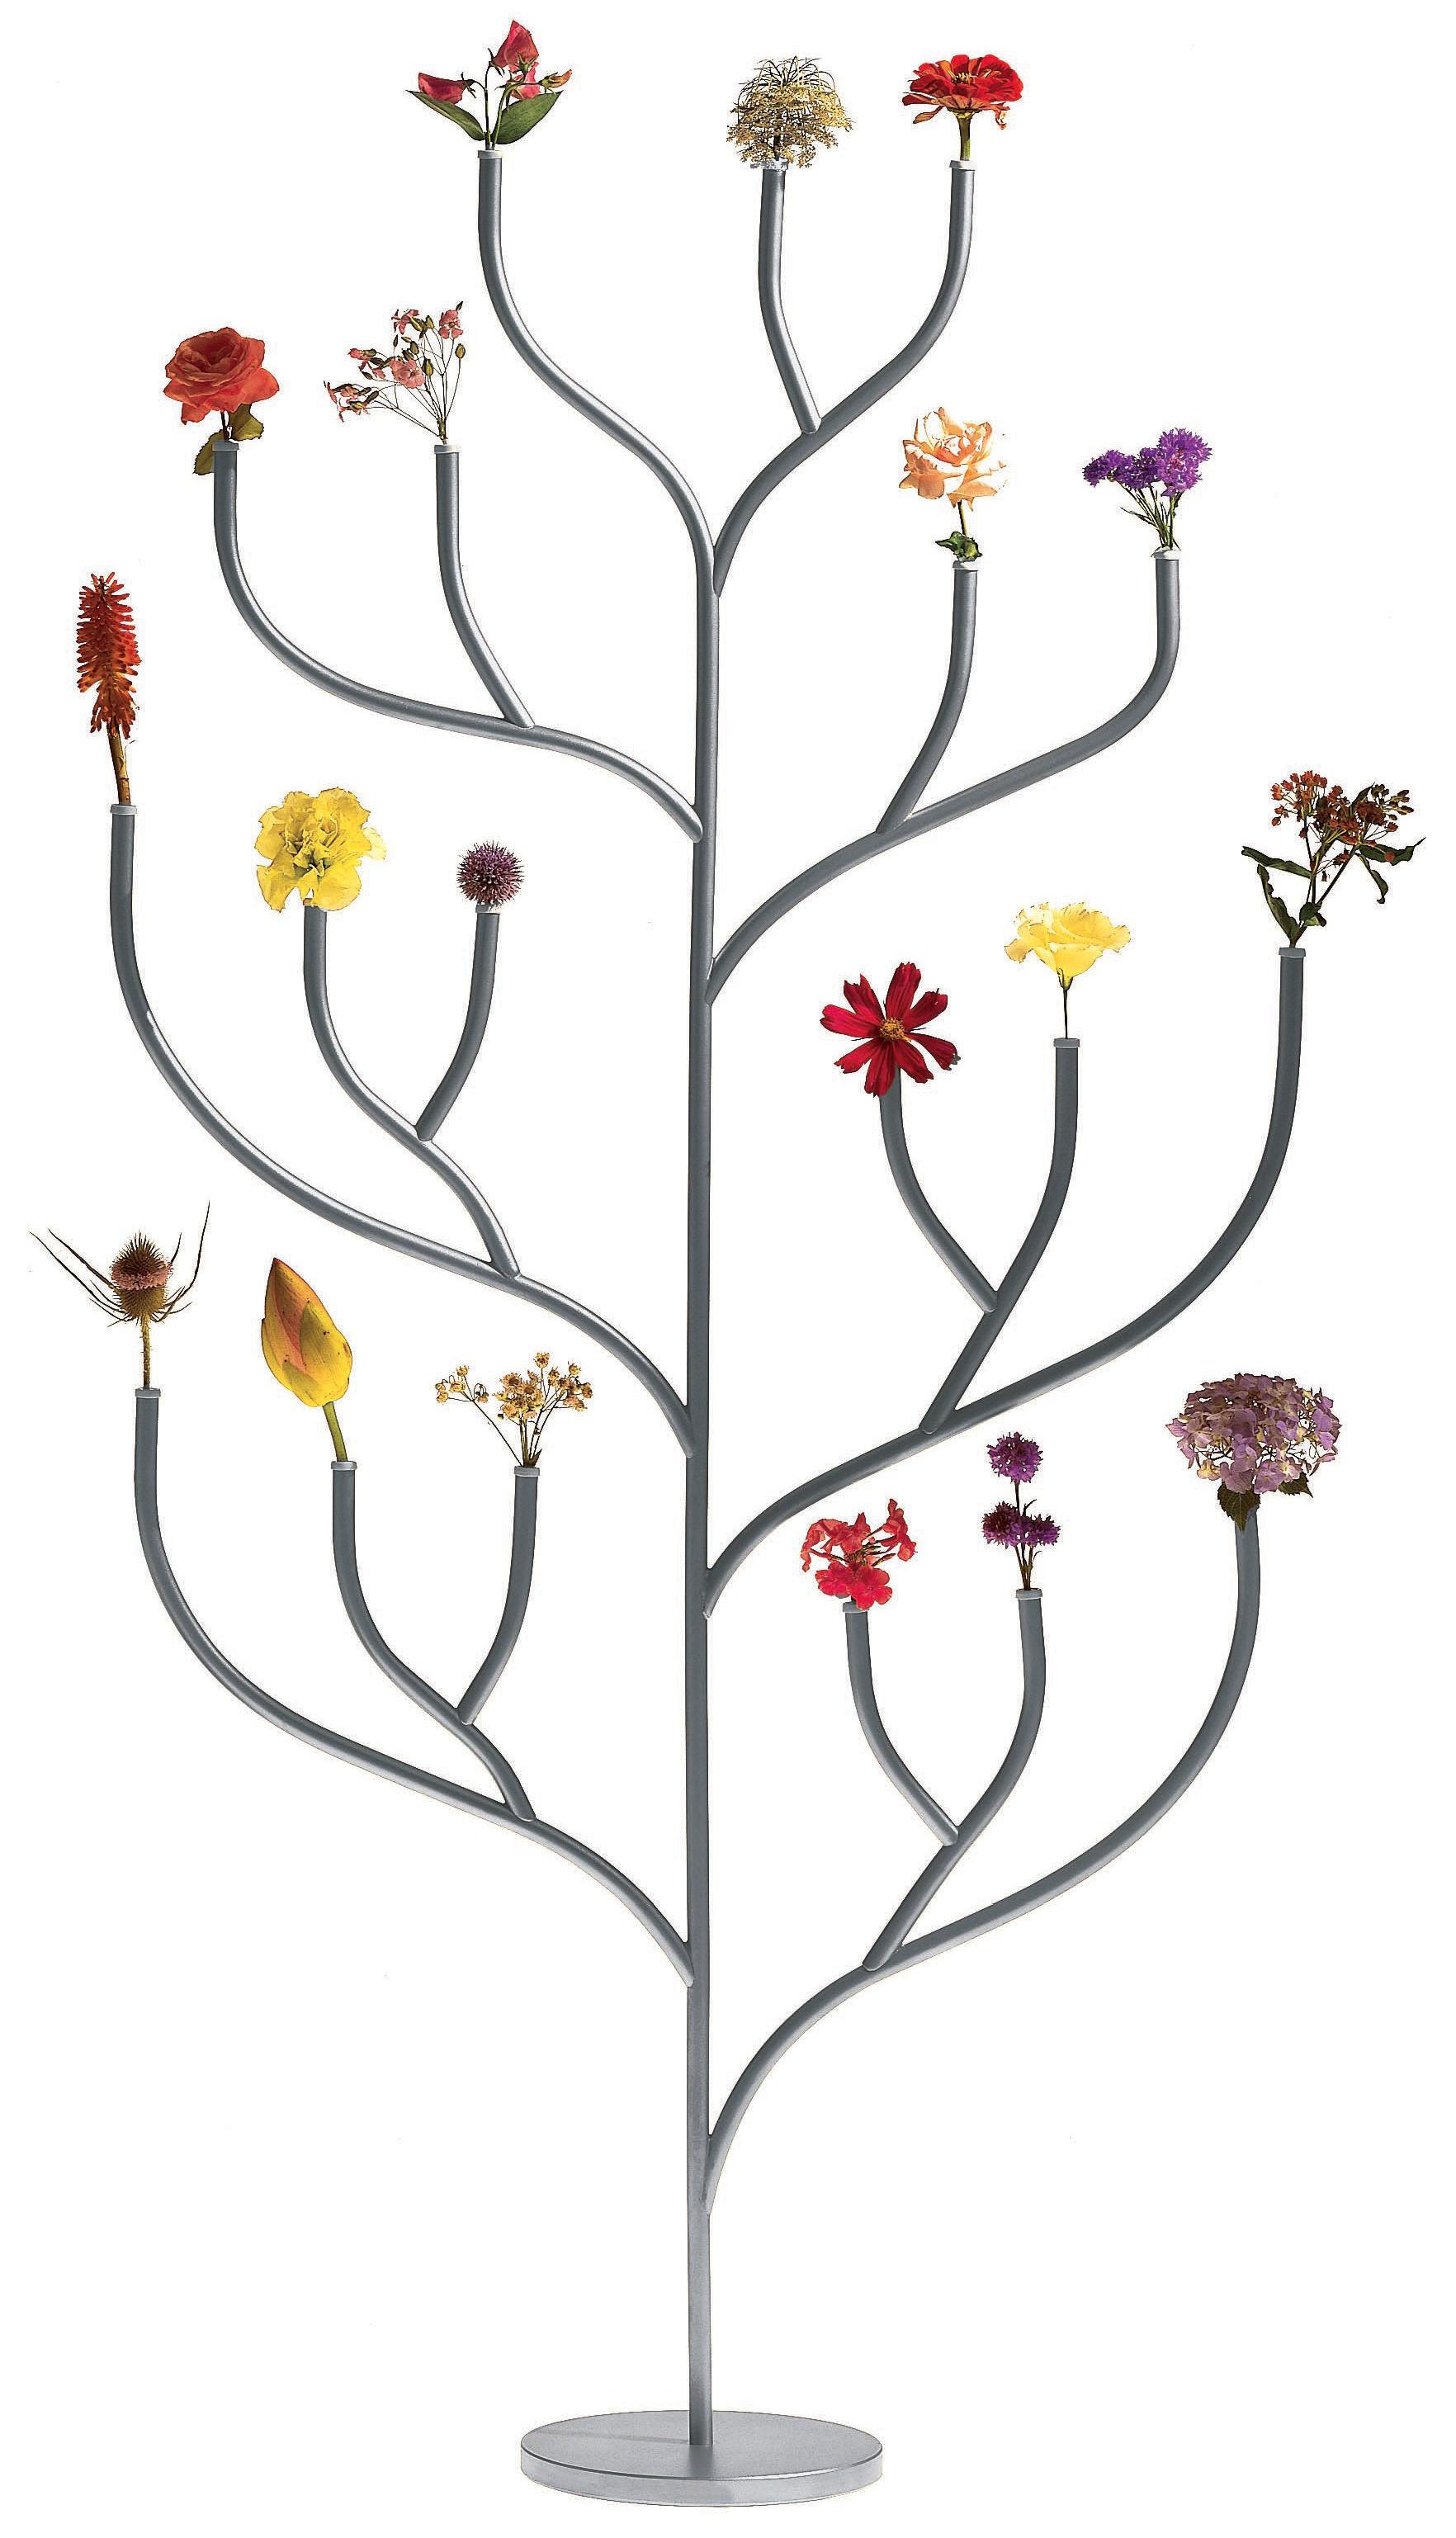 Jardin - Pots et plantes - Jardinière Hanahana - Driade - Acier inox - Acier poli